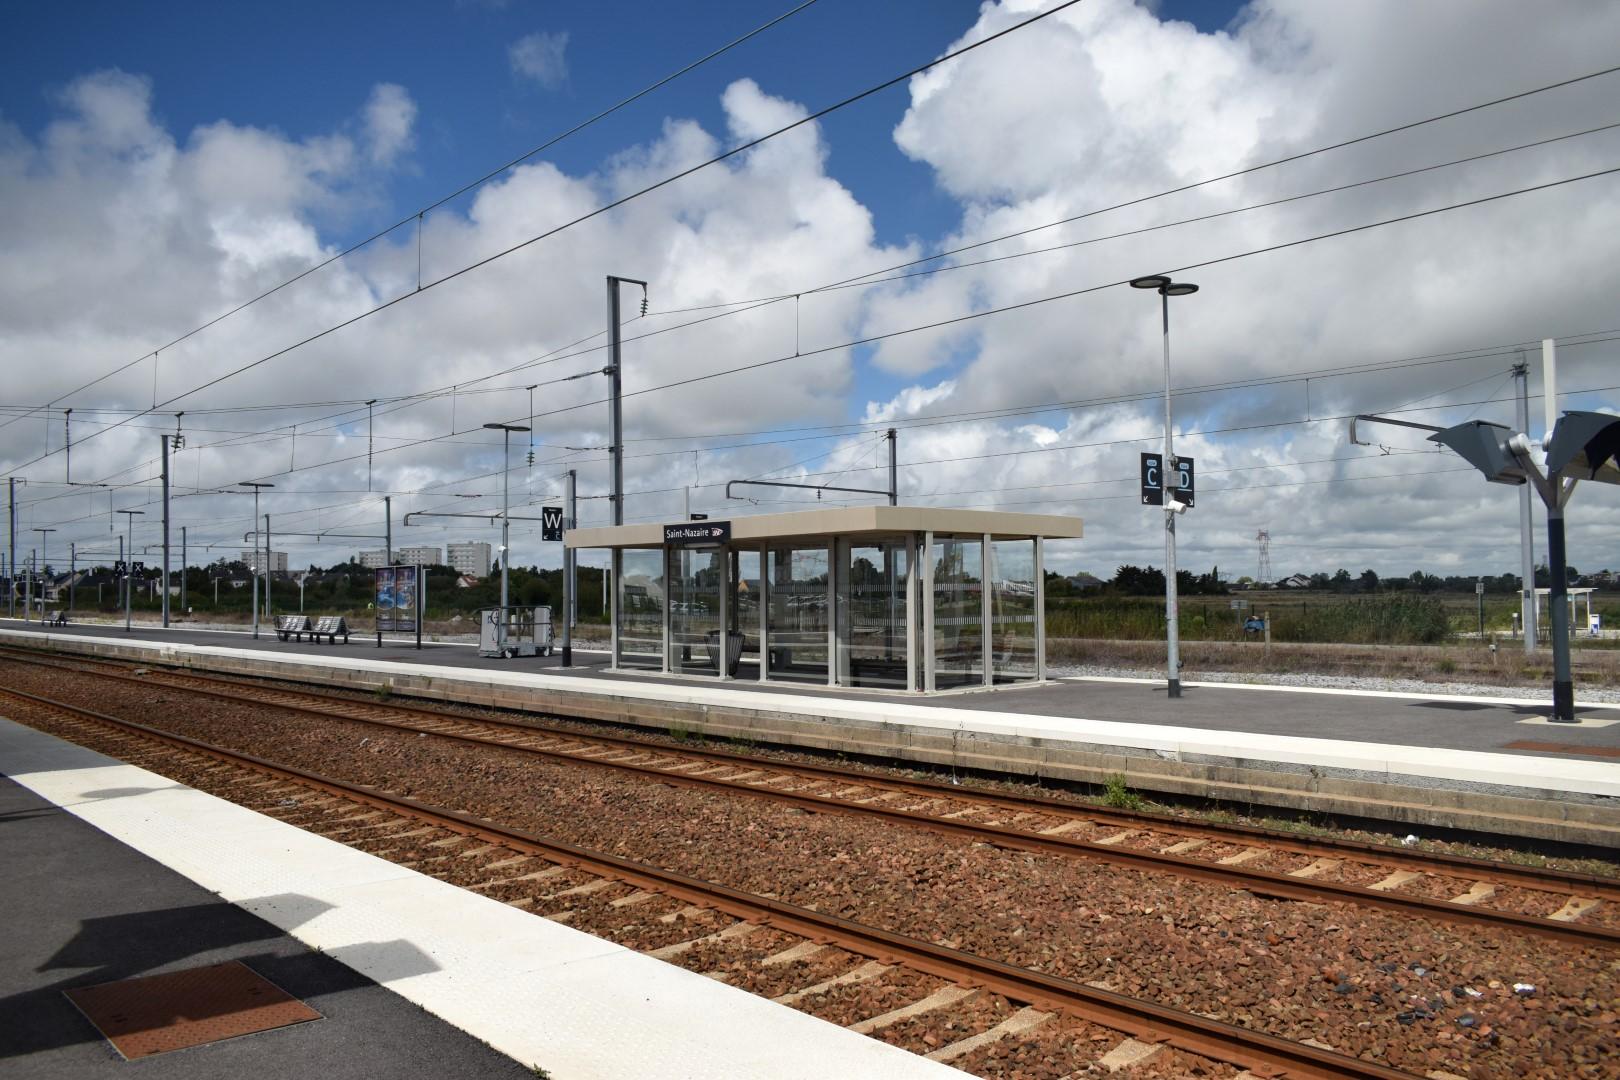 Saint-Nazaire train station, August 2020